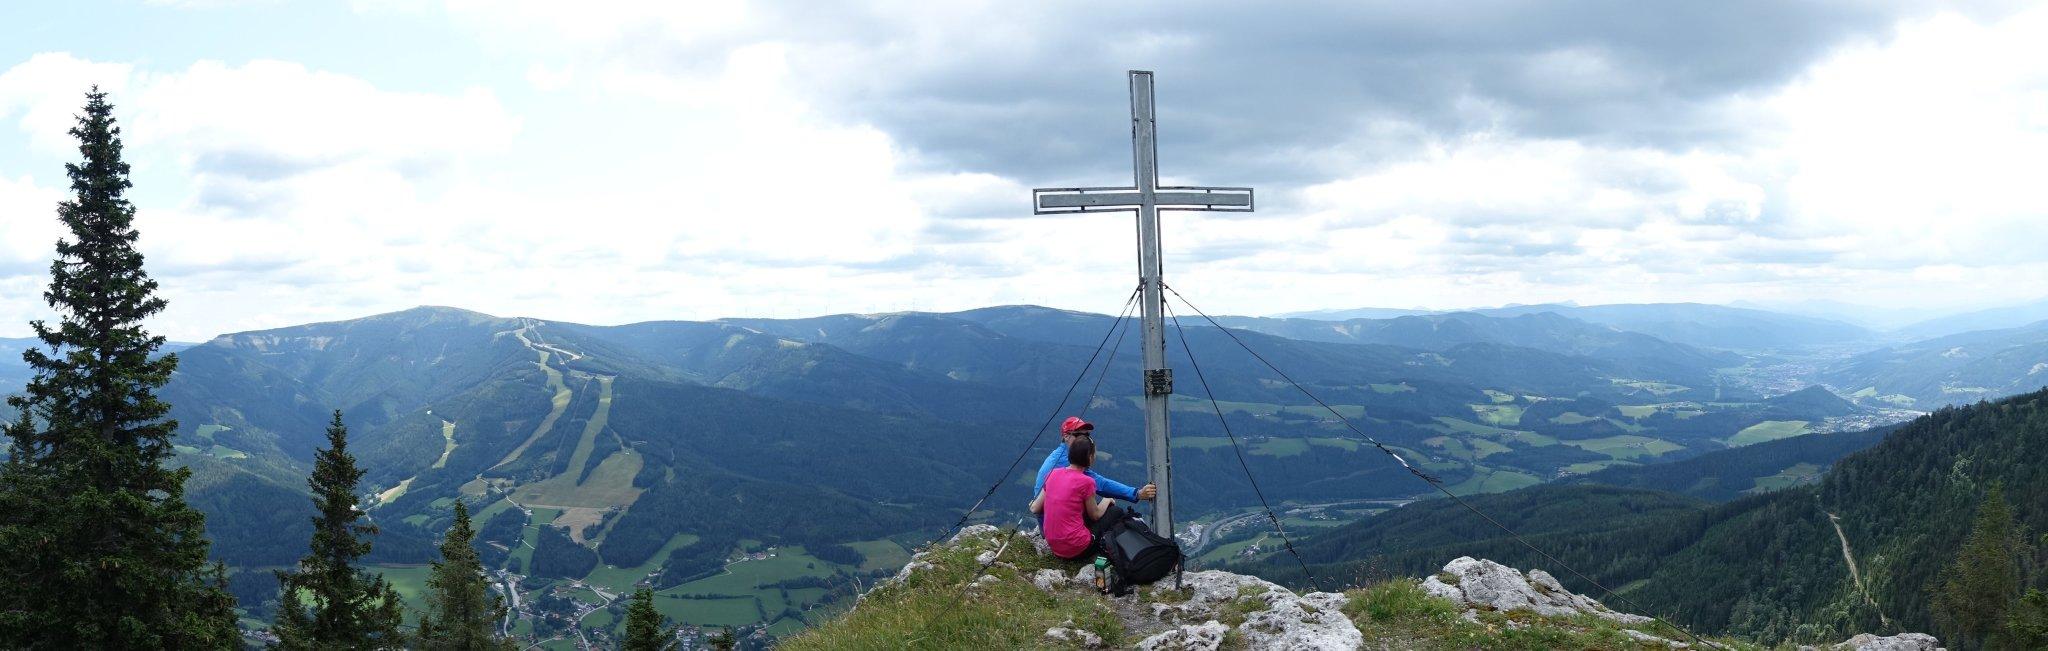 Panorama Kampalpenkreuz